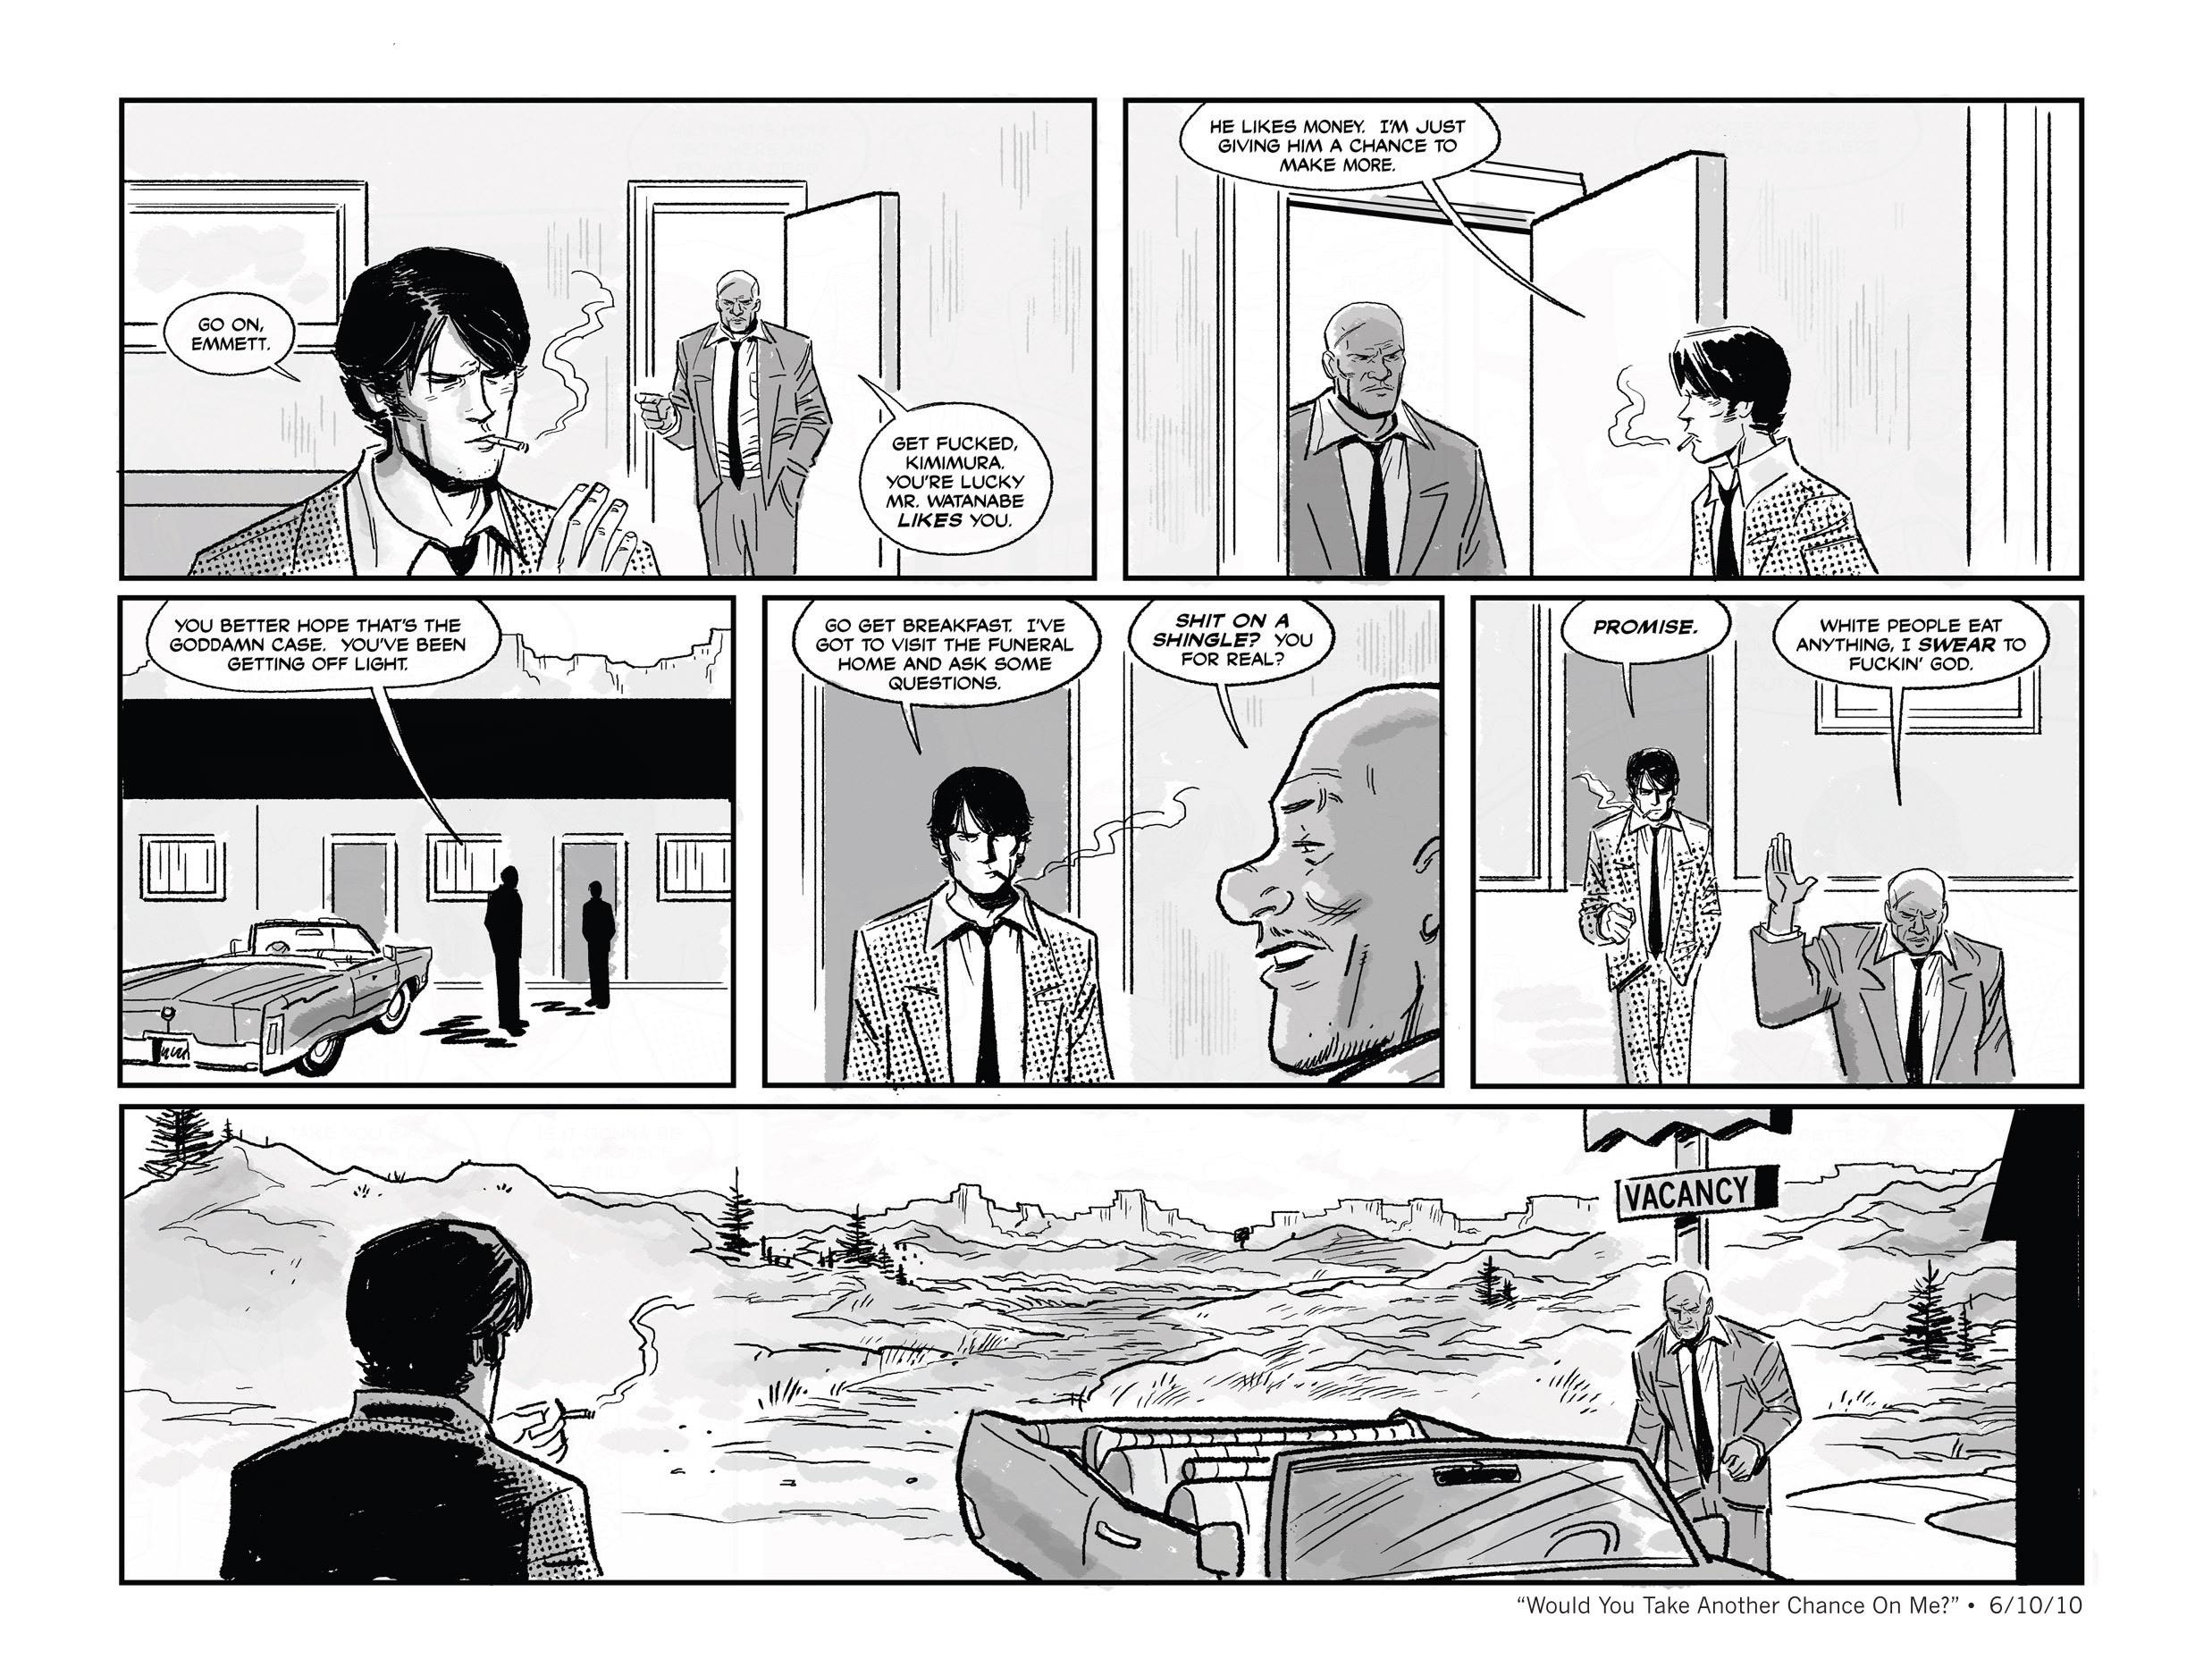 Read online She Died In Terrebonne comic -  Issue #3 - 5